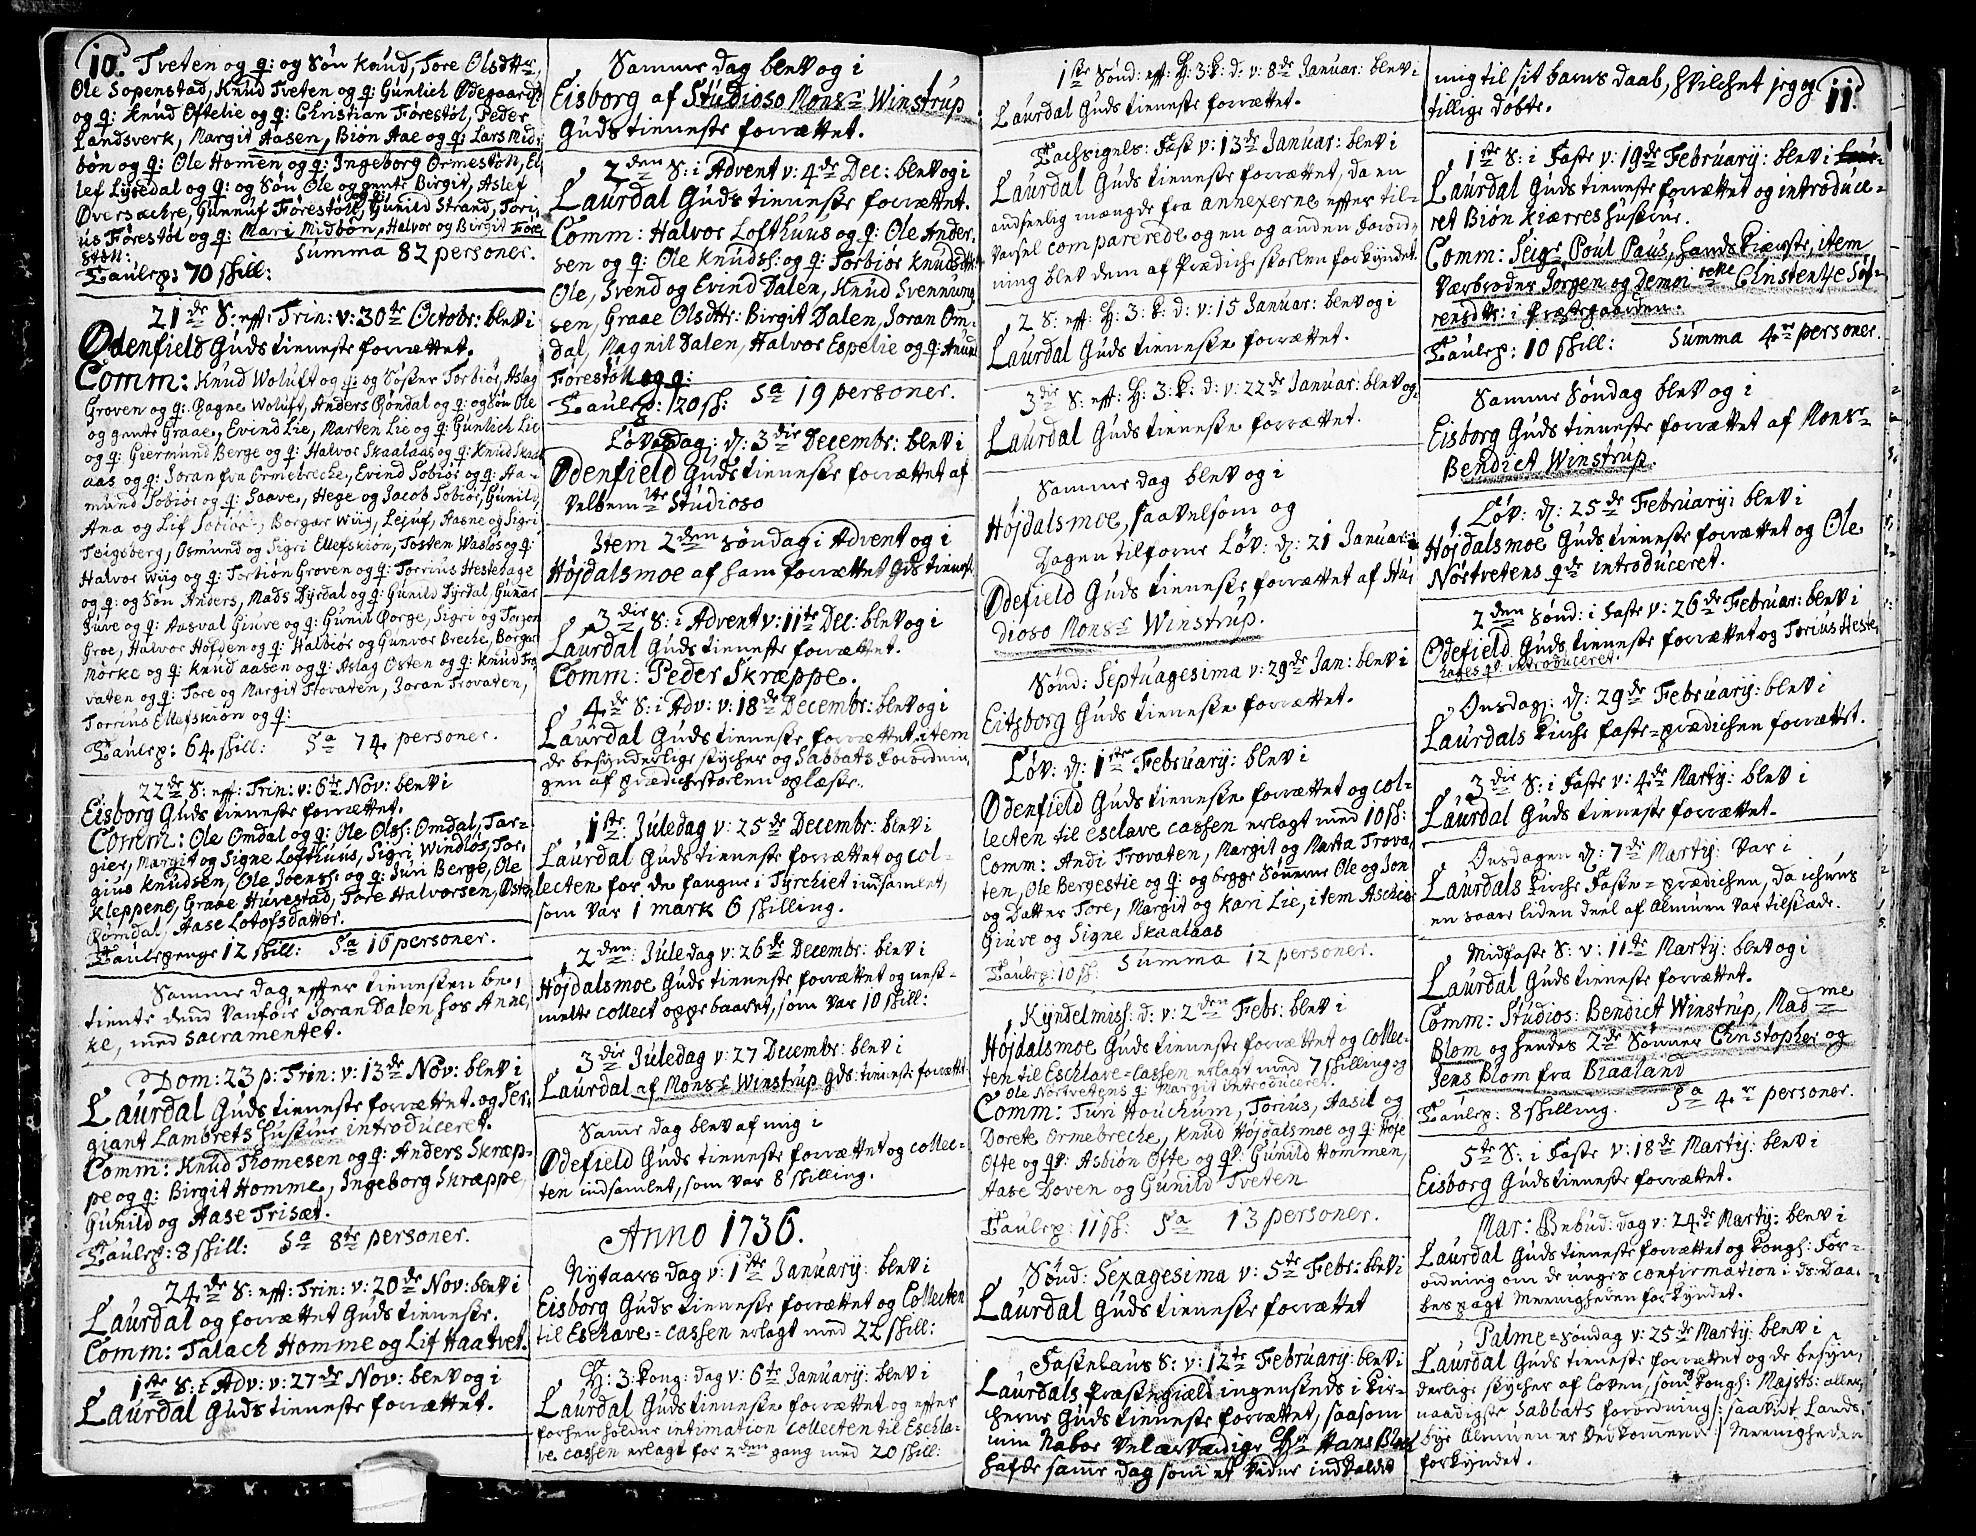 SAKO, Lårdal kirkebøker, F/Fa/L0002: Ministerialbok nr. I 2, 1734-1754, s. 10-11